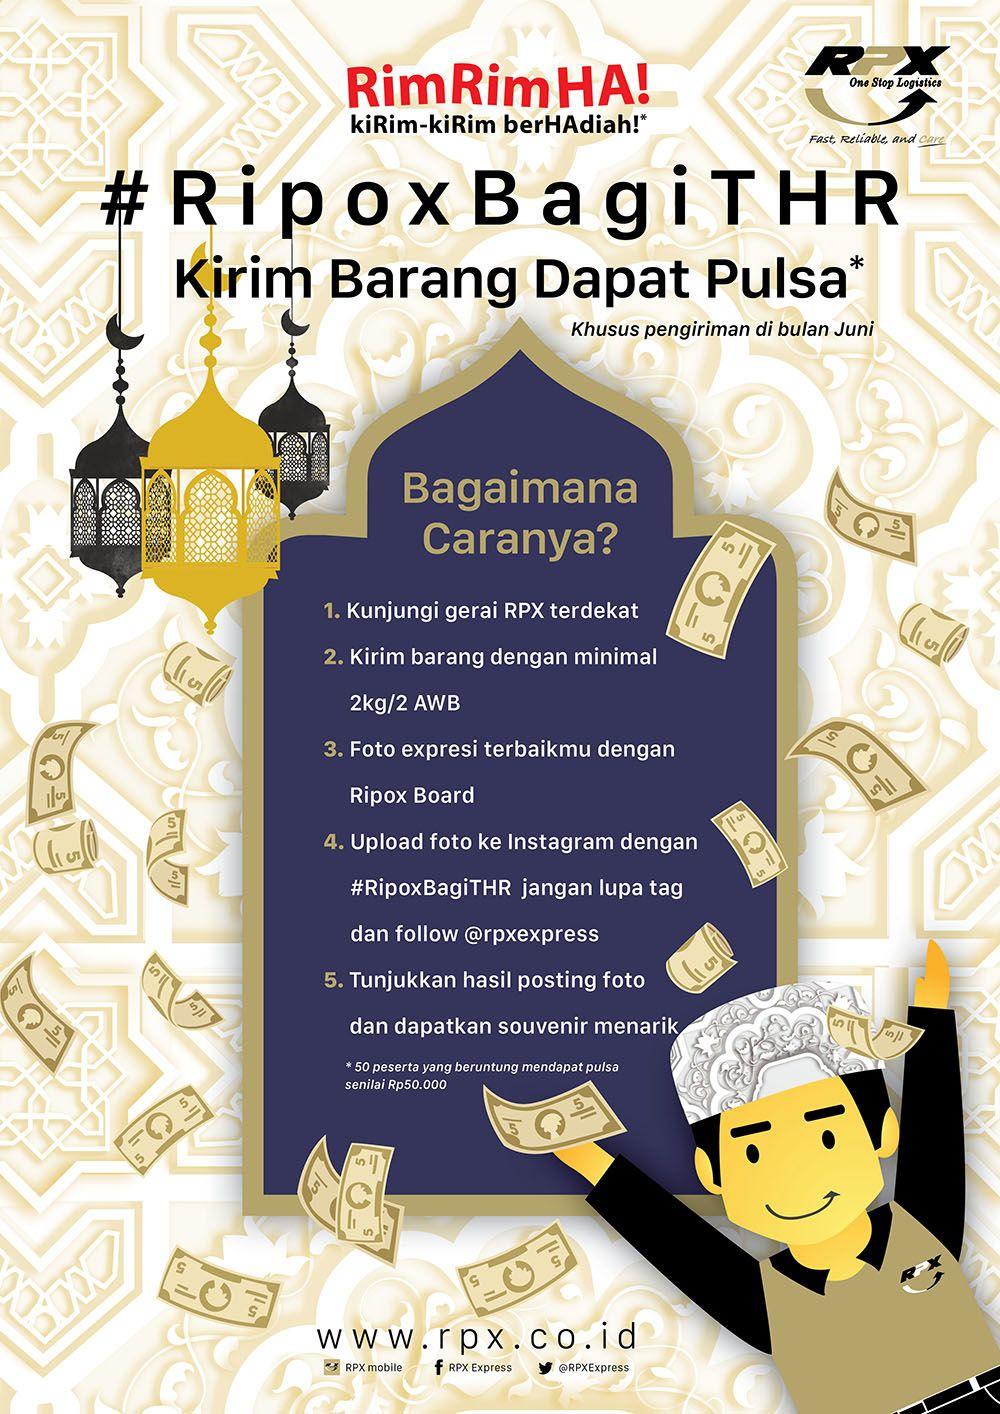 Halo Masih Semangat Kan Iya Dong Apalagi Moment Ramadhan Yang